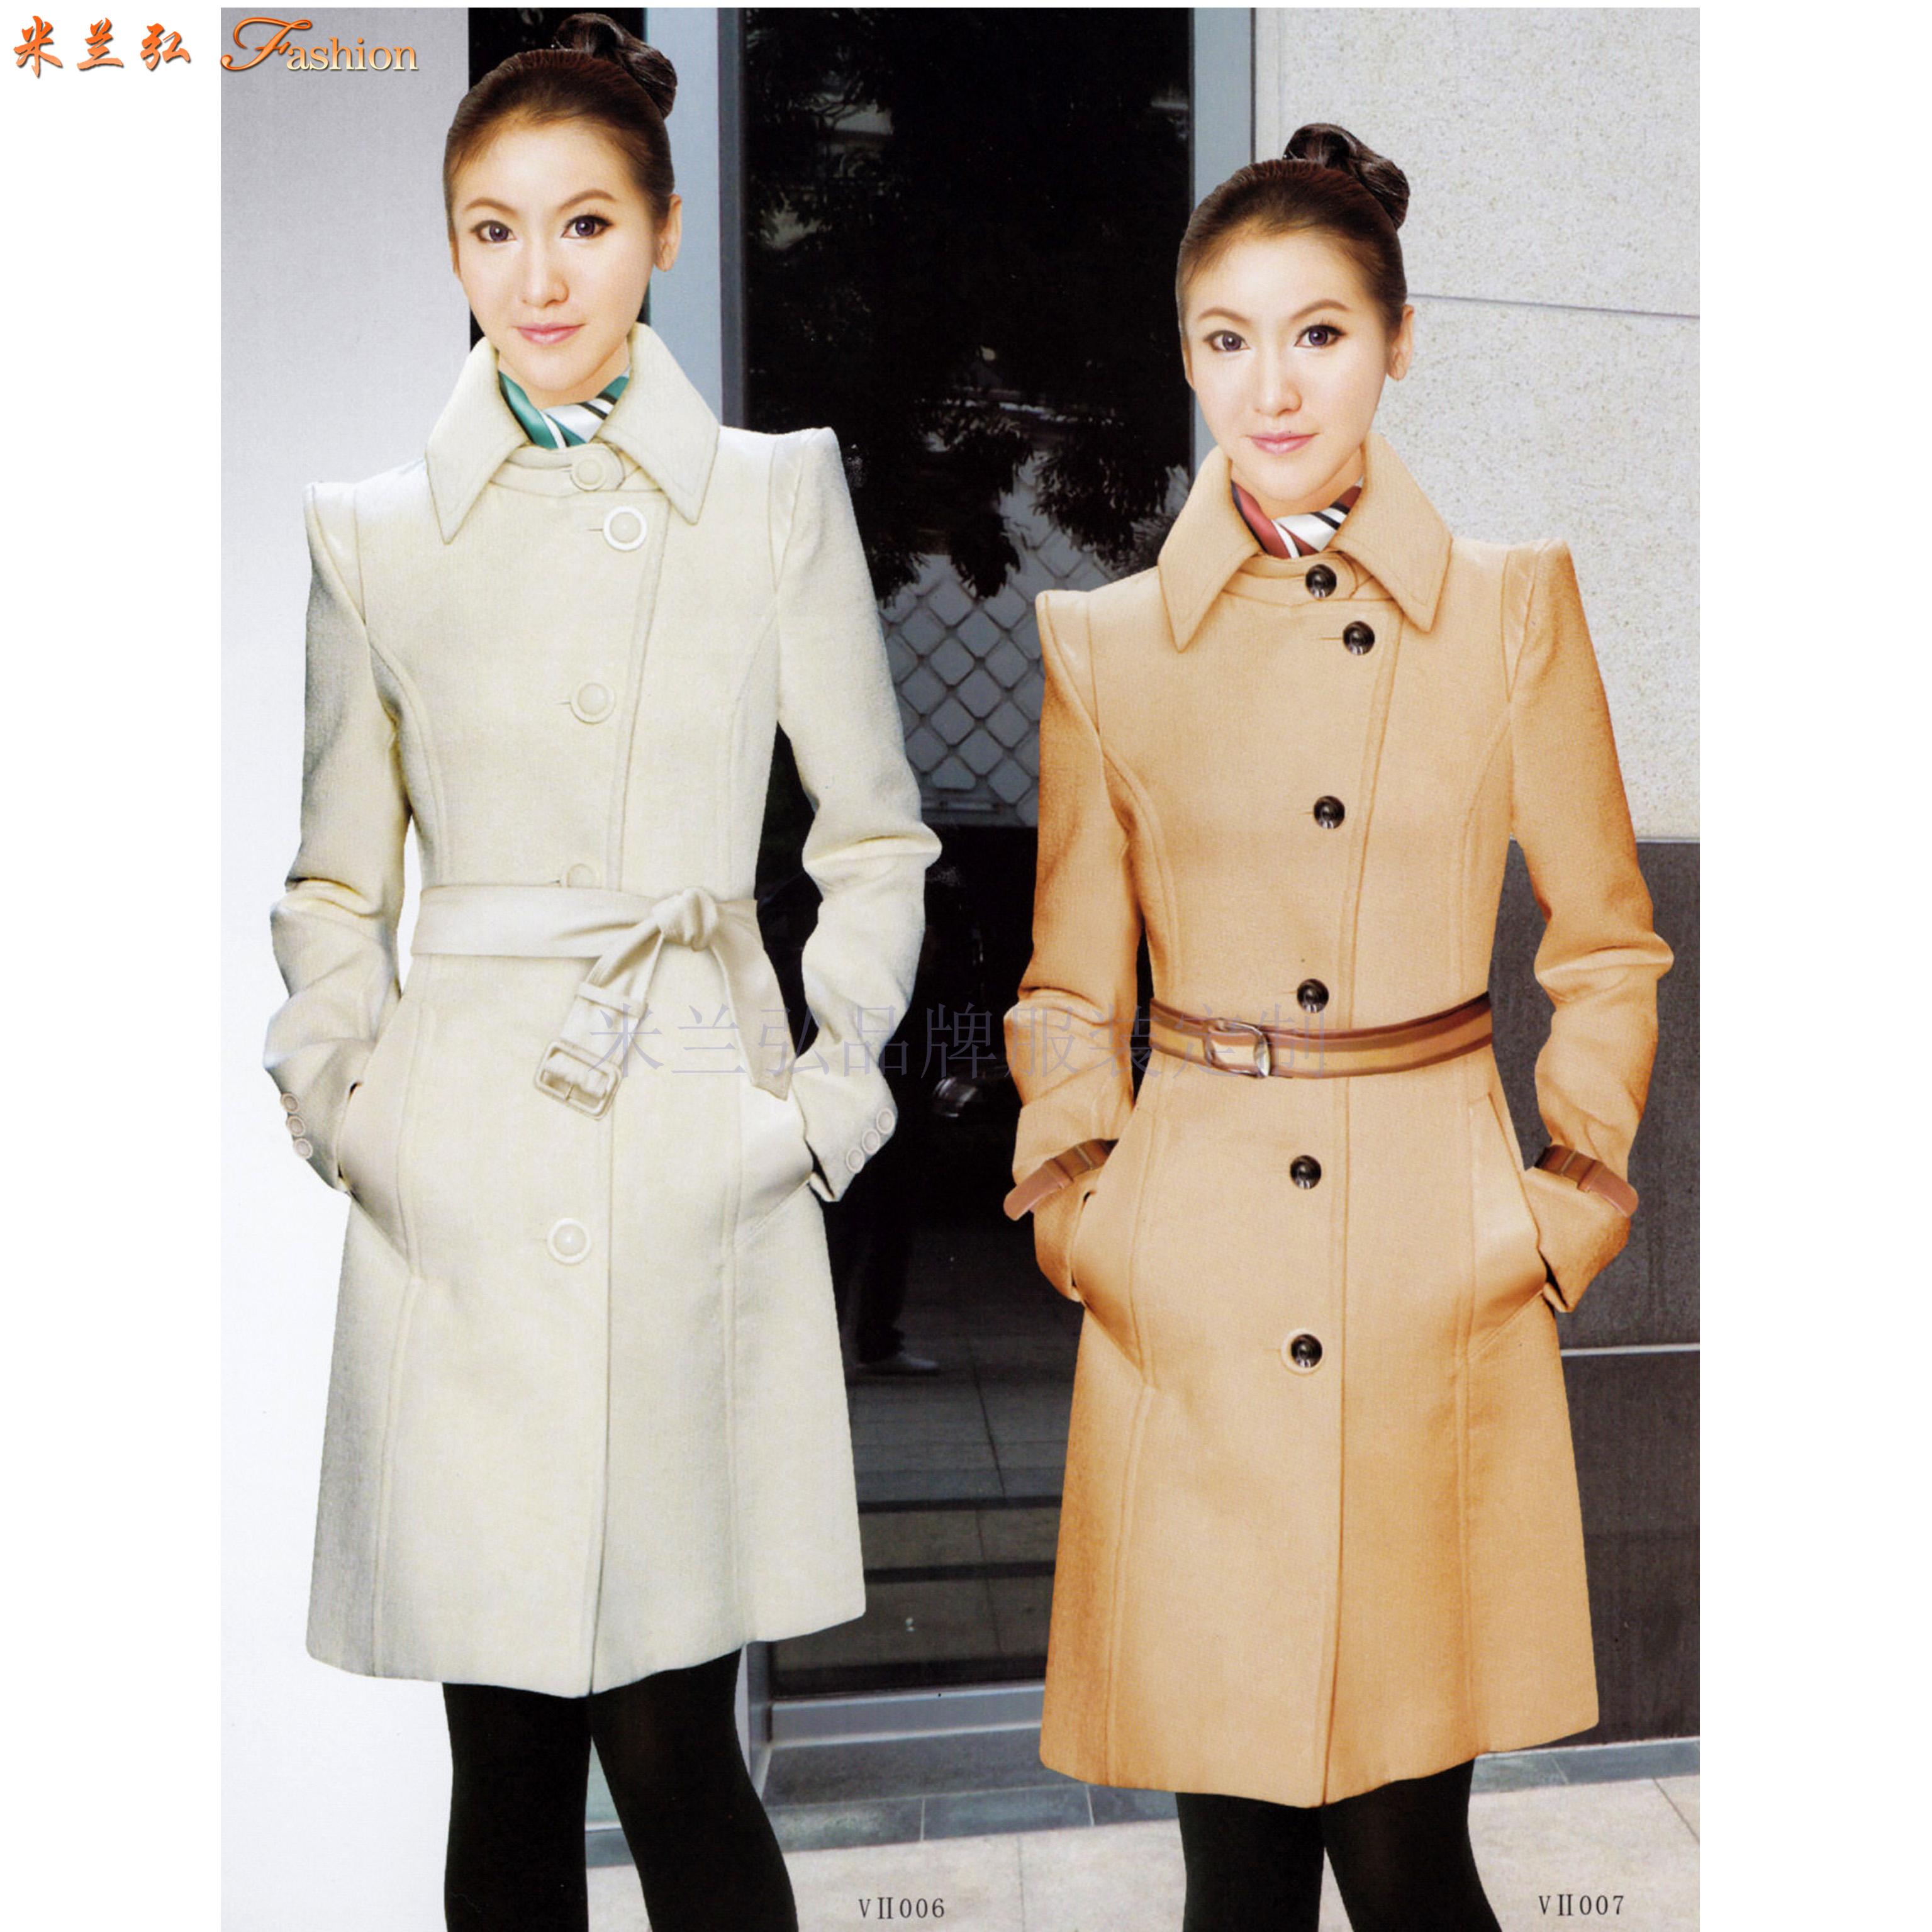 大衣定制價格多少?米蘭弘定做毛滌商務男女大衣價格低于699元-4